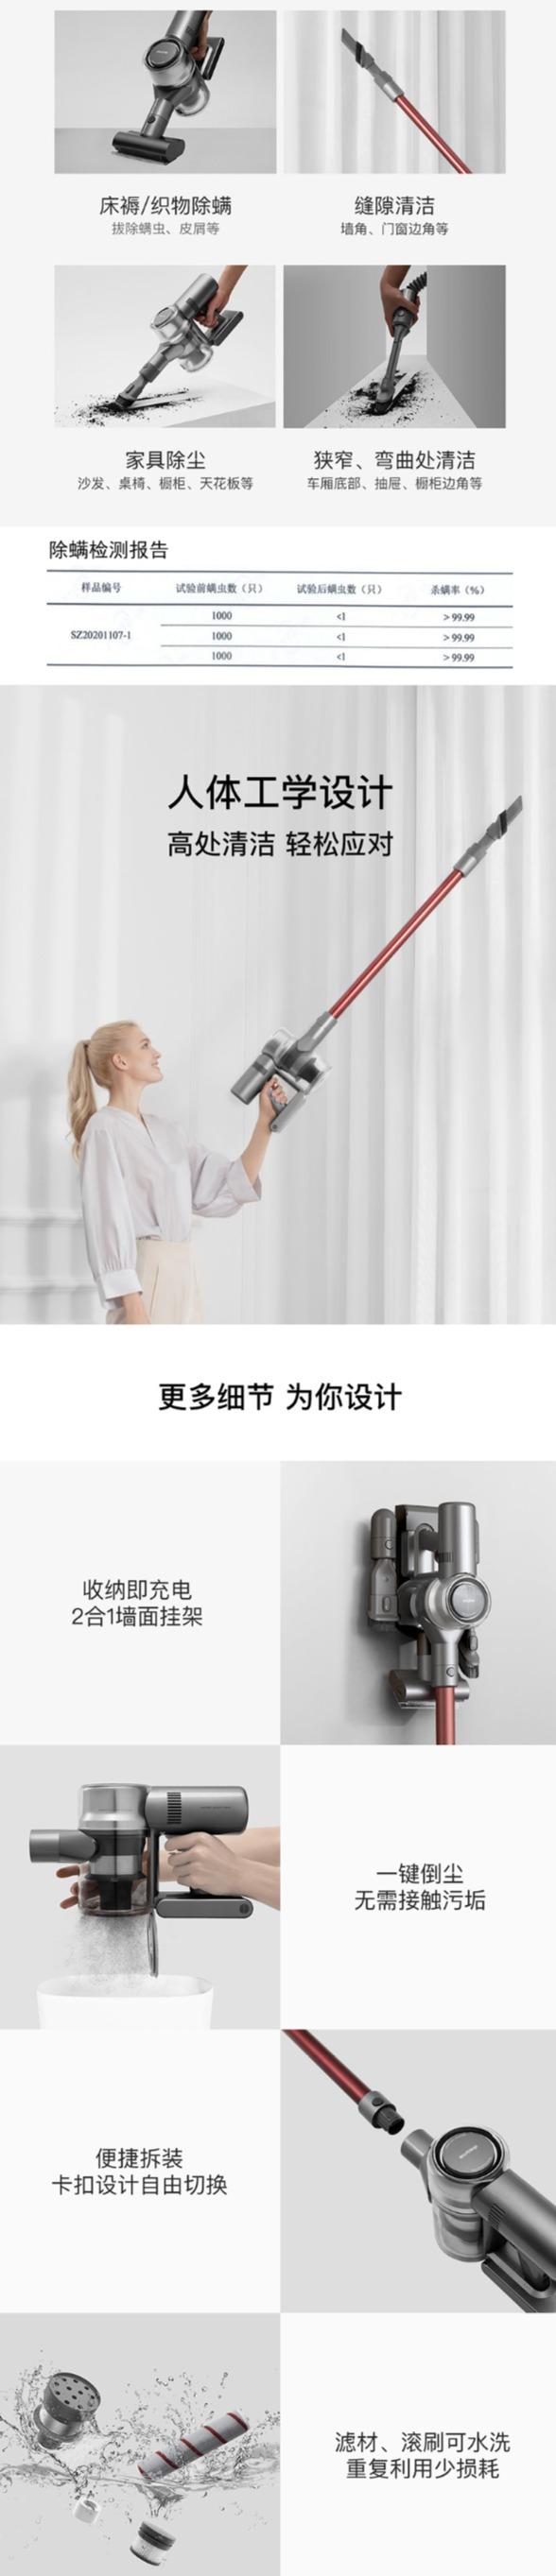 独家:小米旗下 Dreame 追觅 V11 旗舰级 家用无线吸尘器 589.99加元包邮!